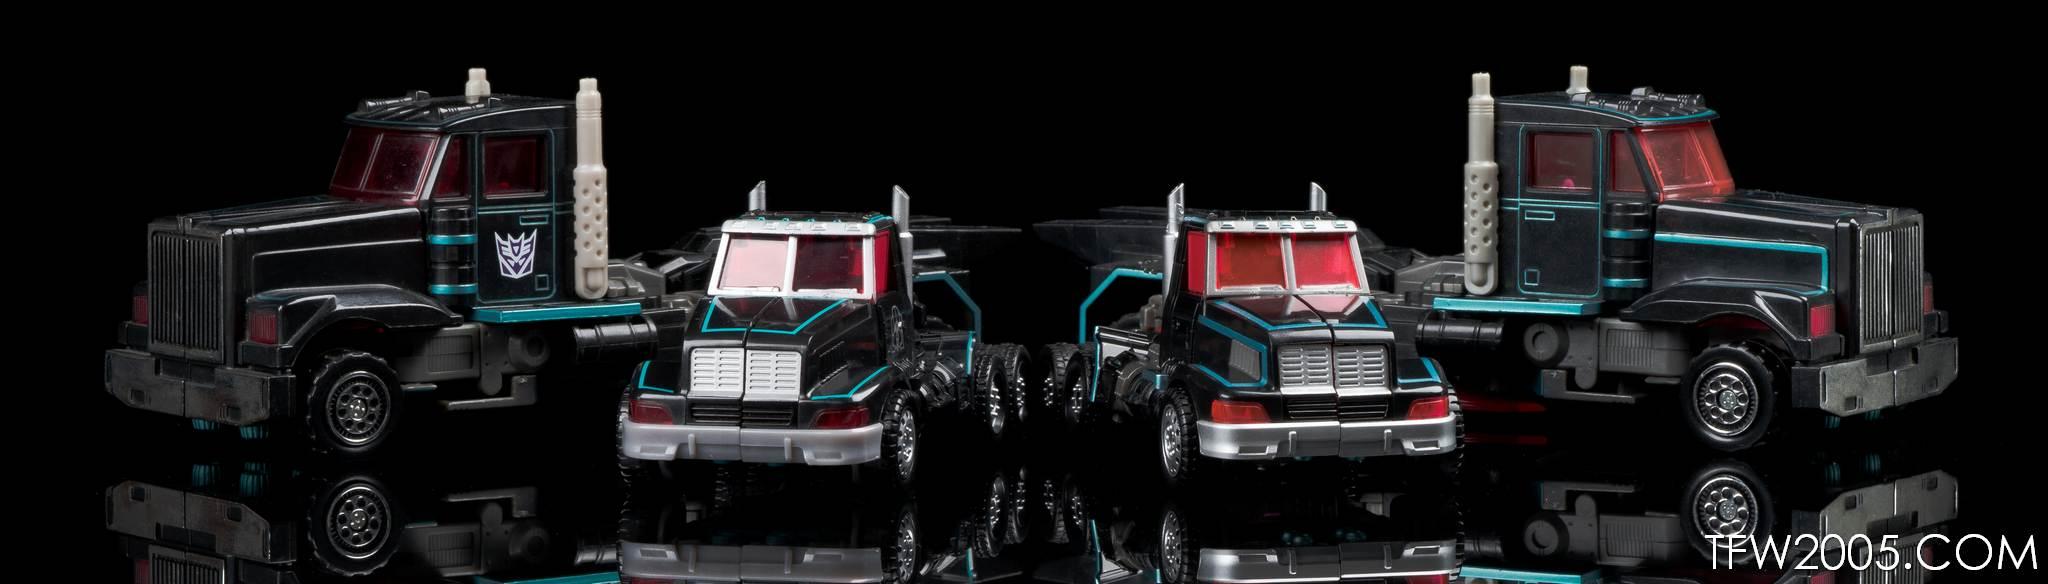 Tokyo Black Convoy 18